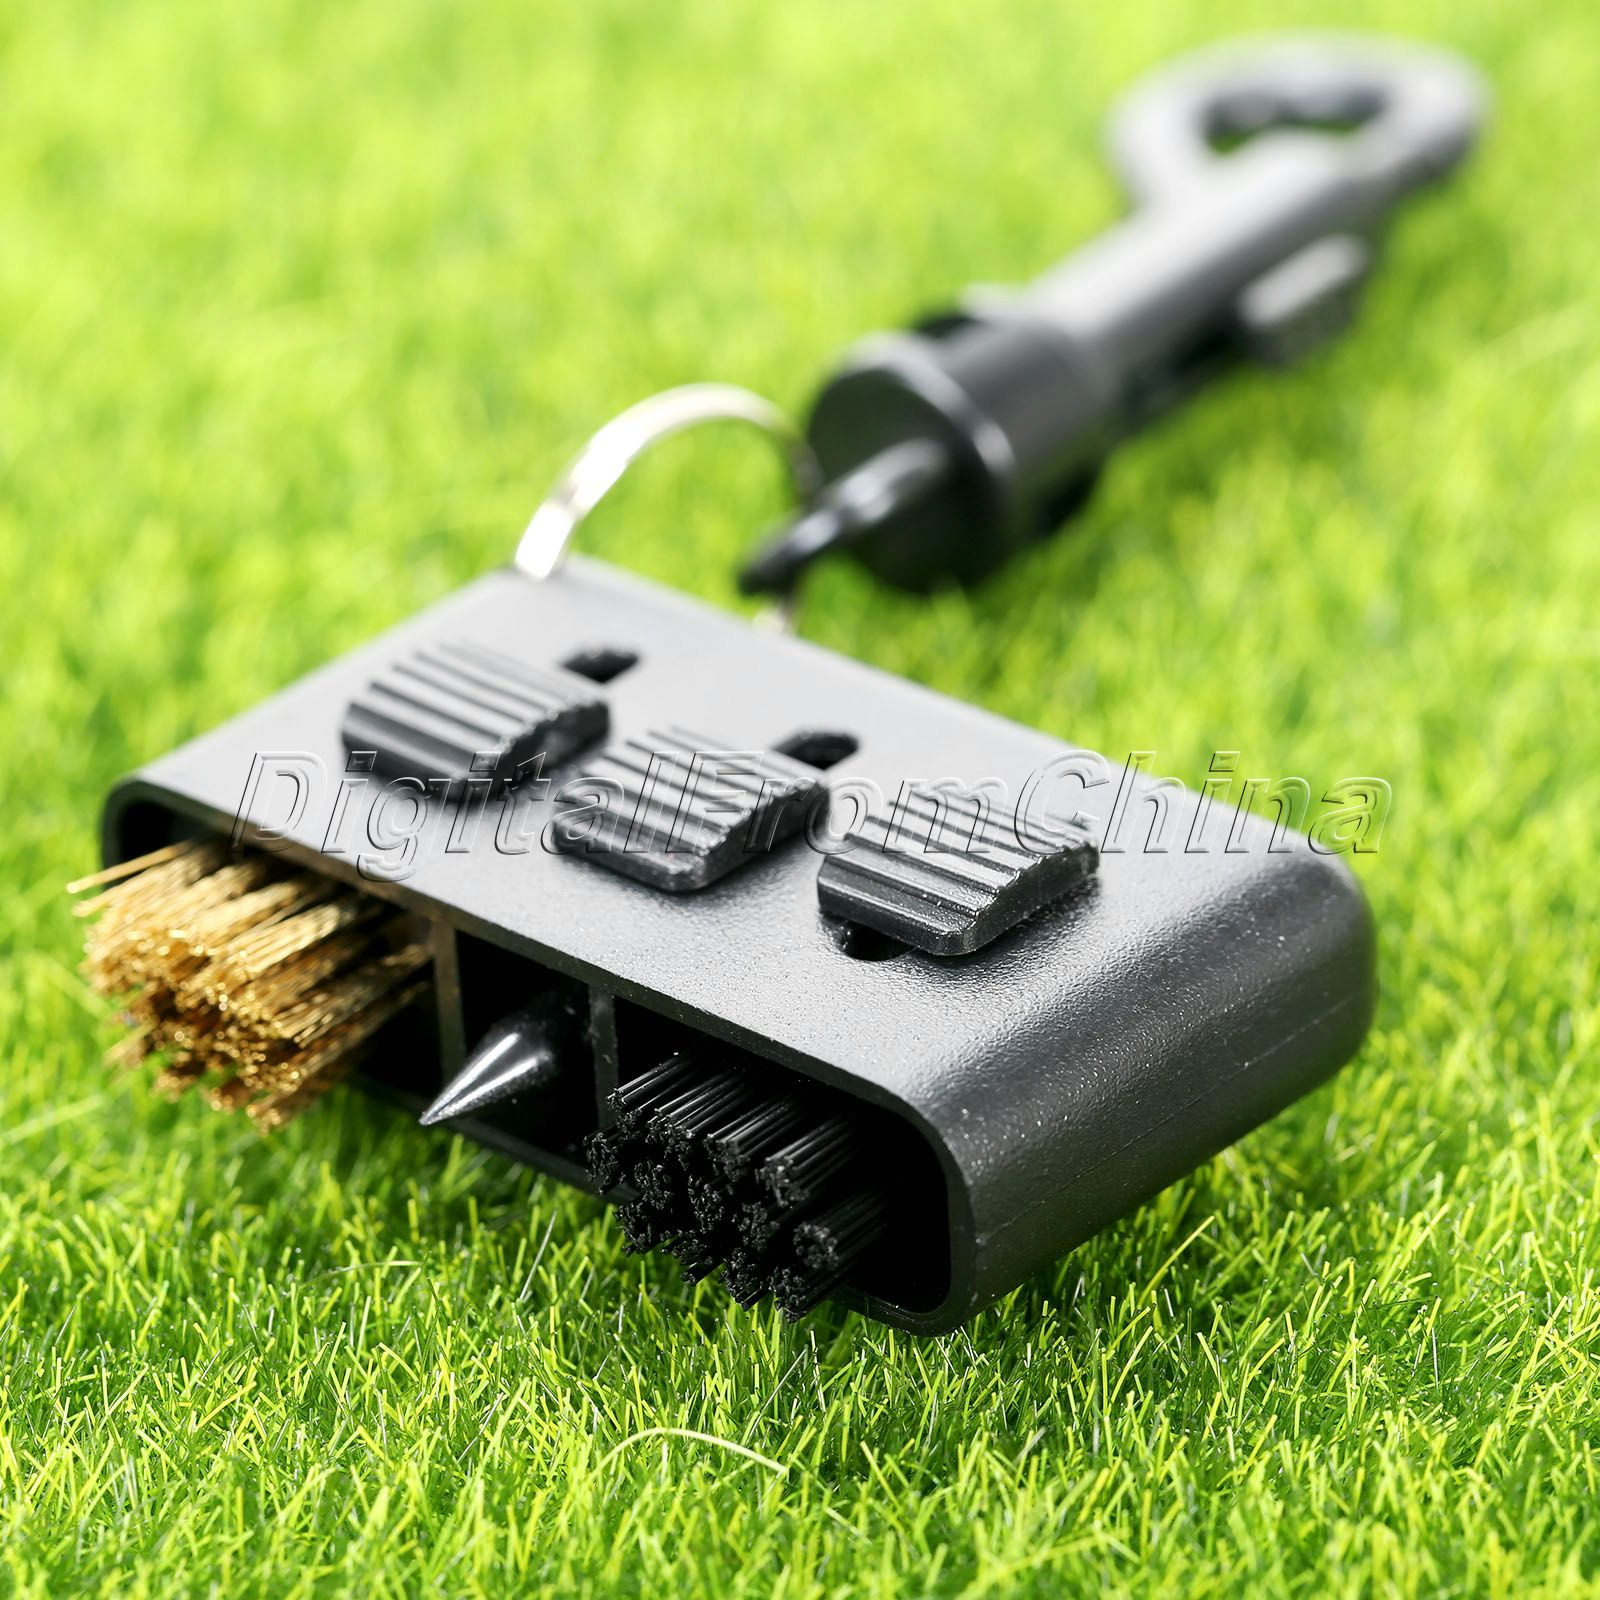 1 Unid Negro 3-en-1 Golf Club Cepillo De Limpieza Groove Putter Wedge Zapatos Pe